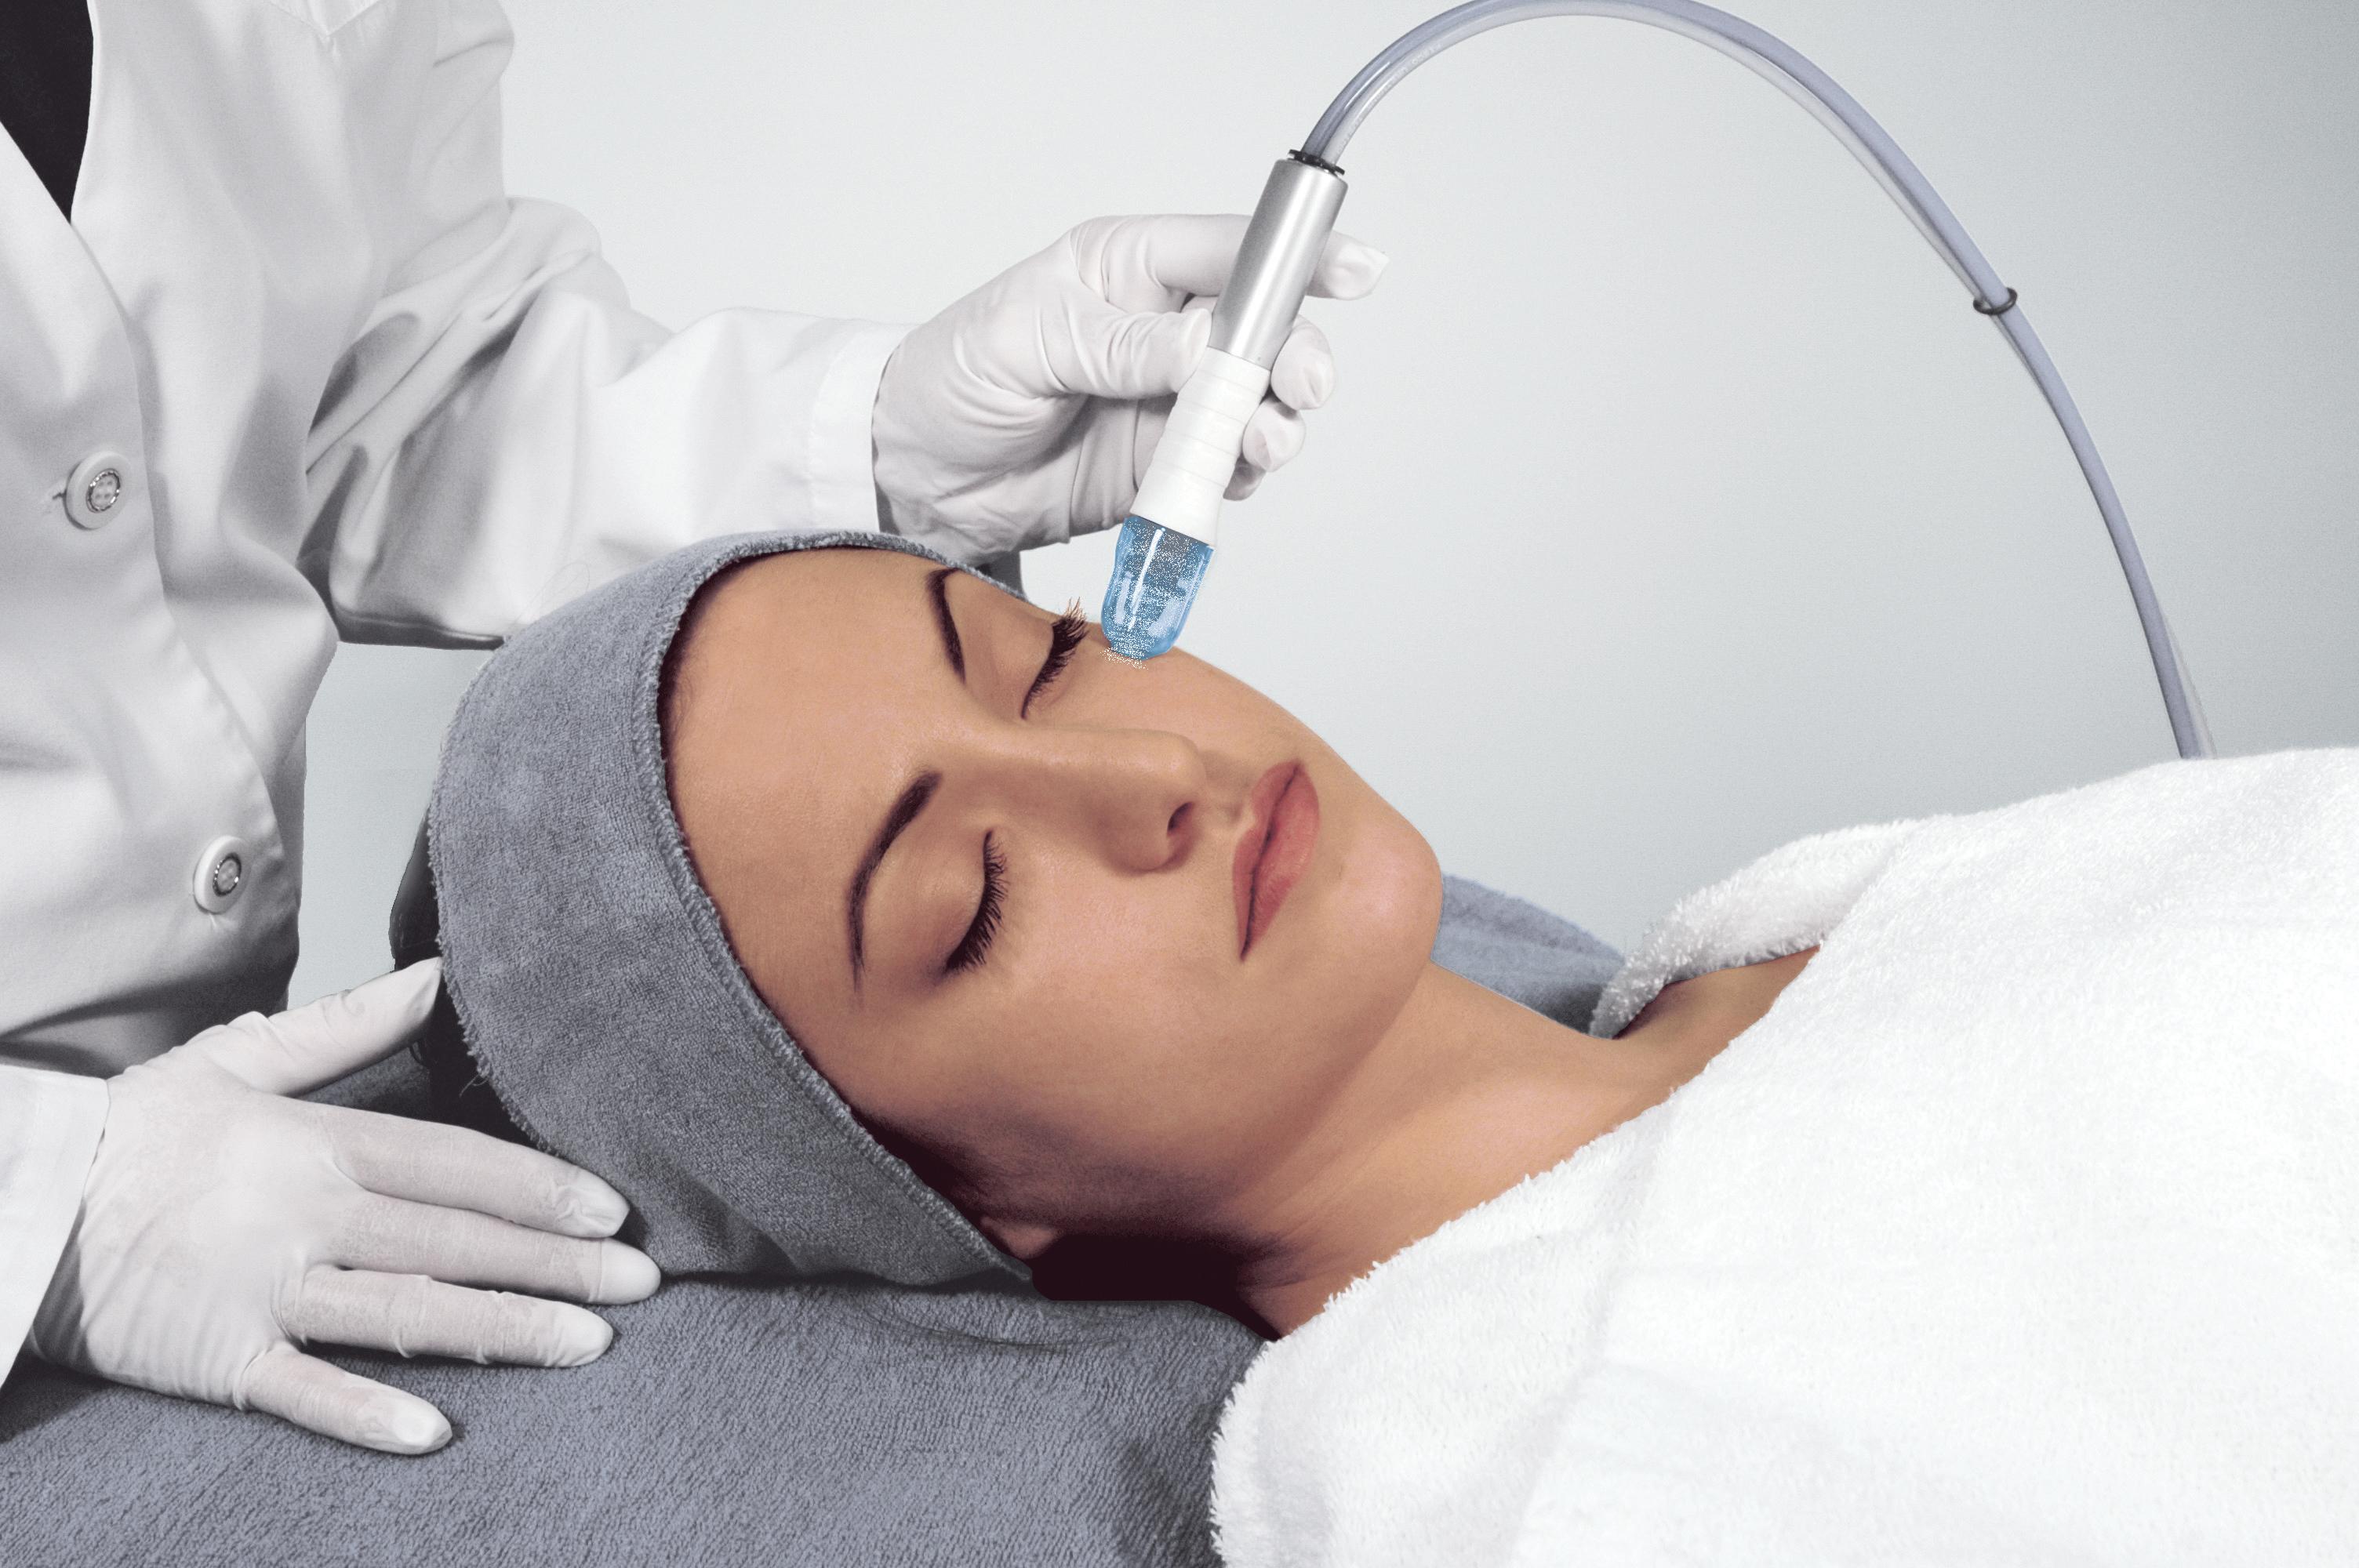 Вакуумная чистка лица (кожи, пор): аппарат в салоне, противопоказания, результат до и после